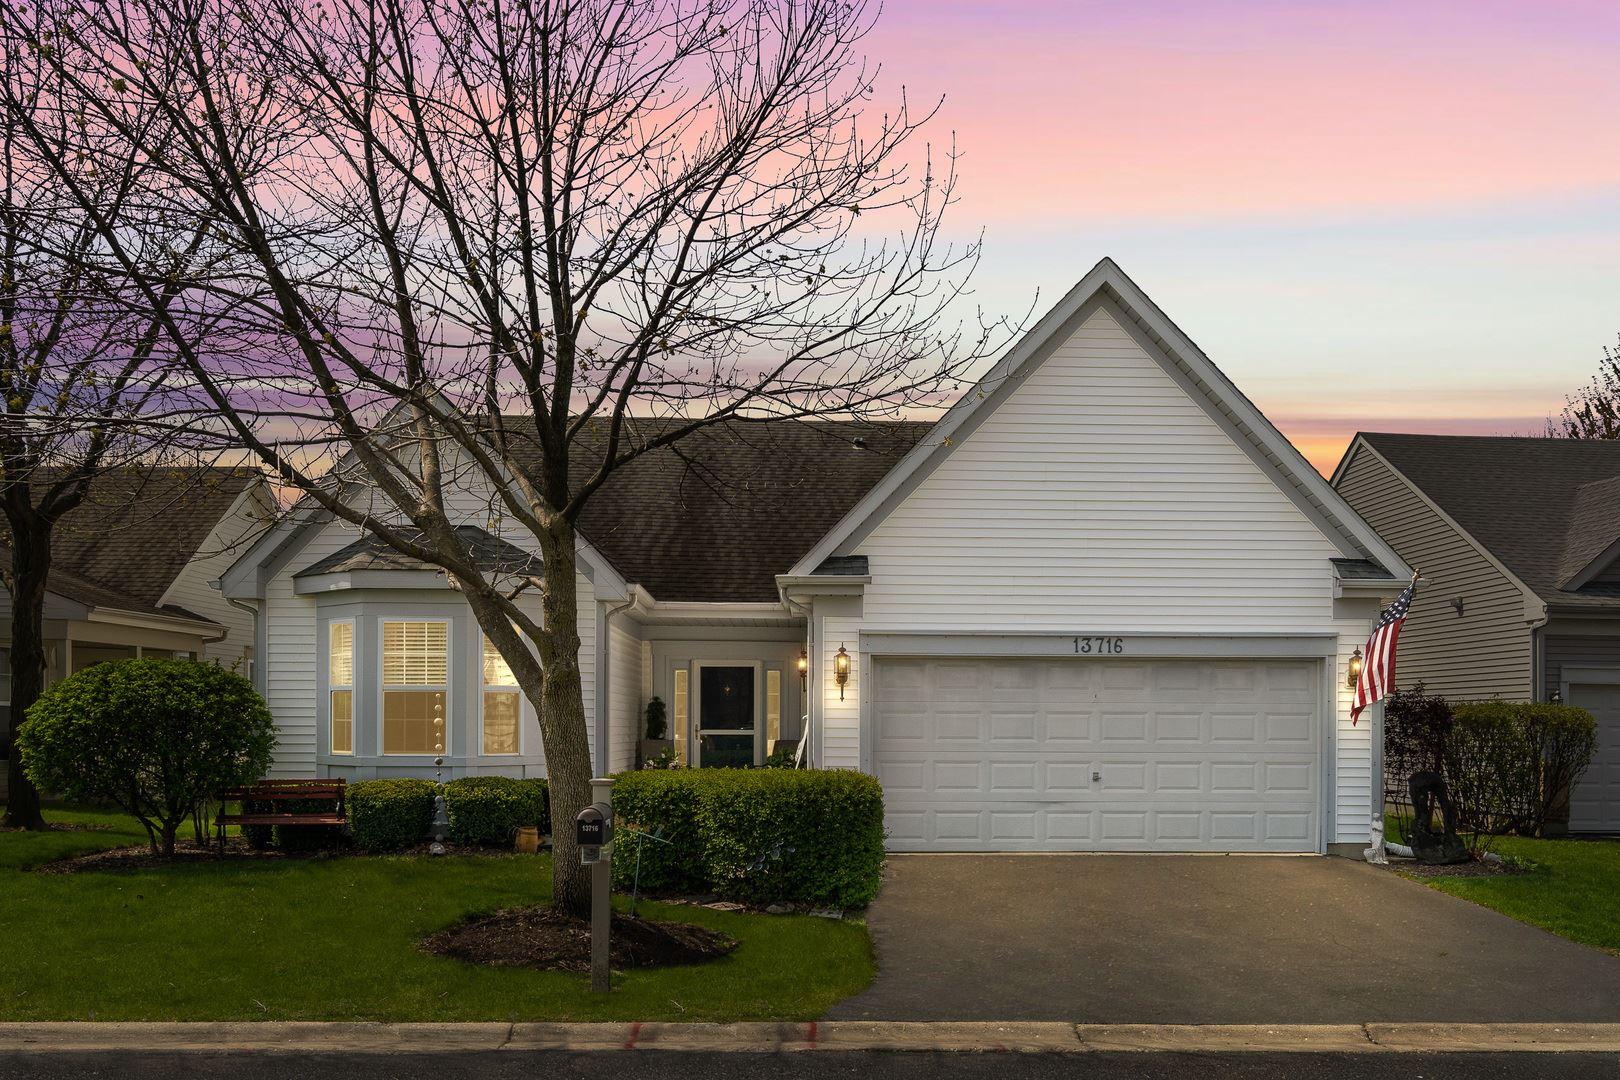 13716 S Redbud Drive, Plainfield, IL 60544 - #: 11070890